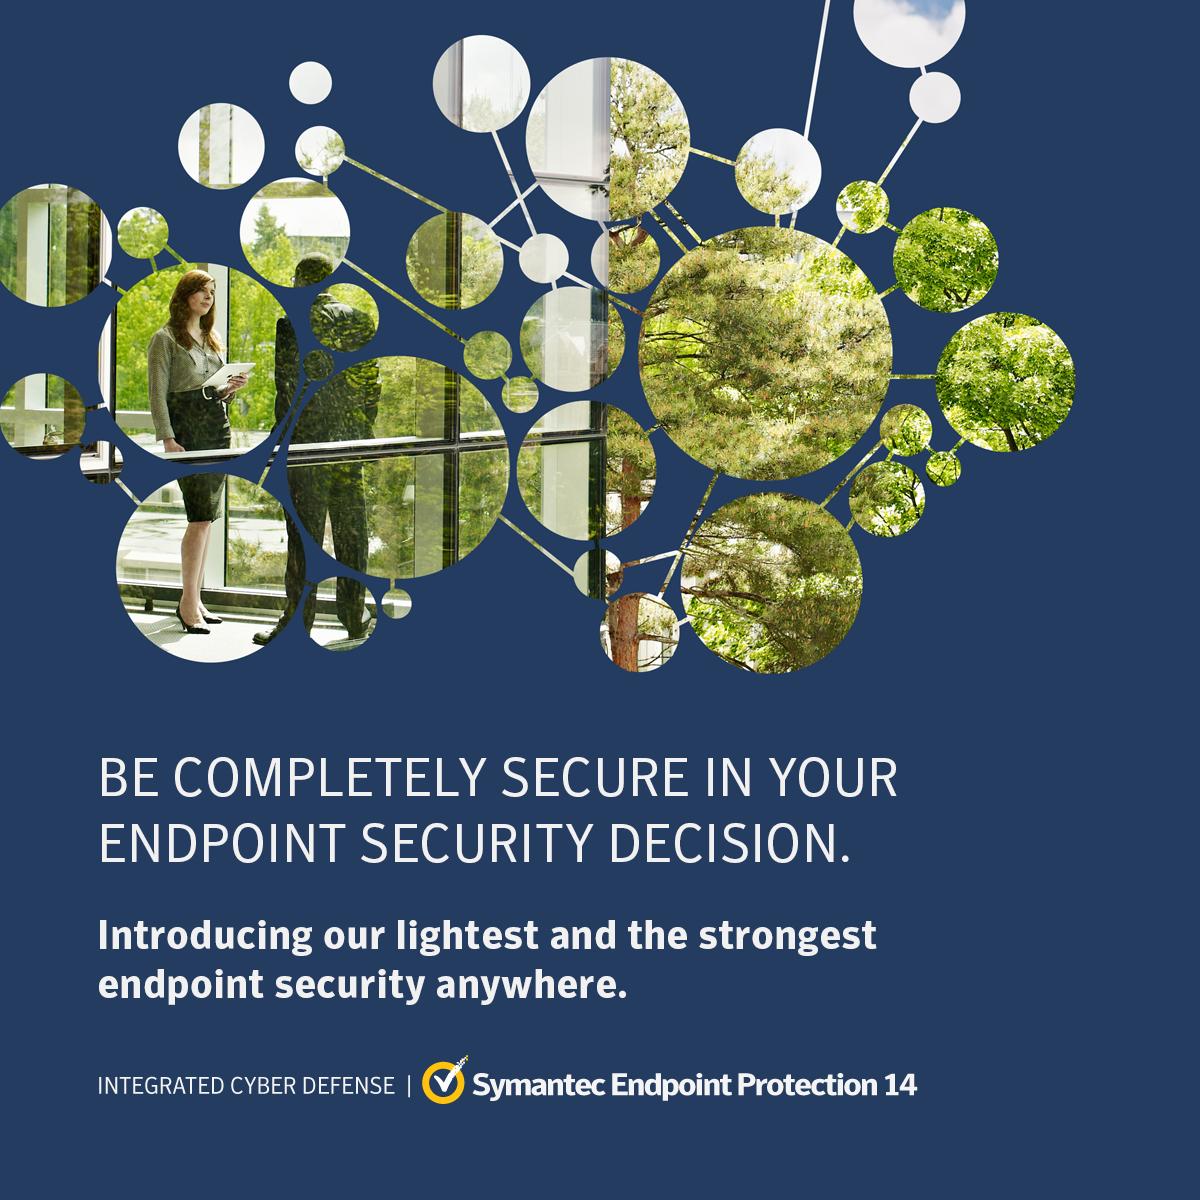 Symantec Endpoint